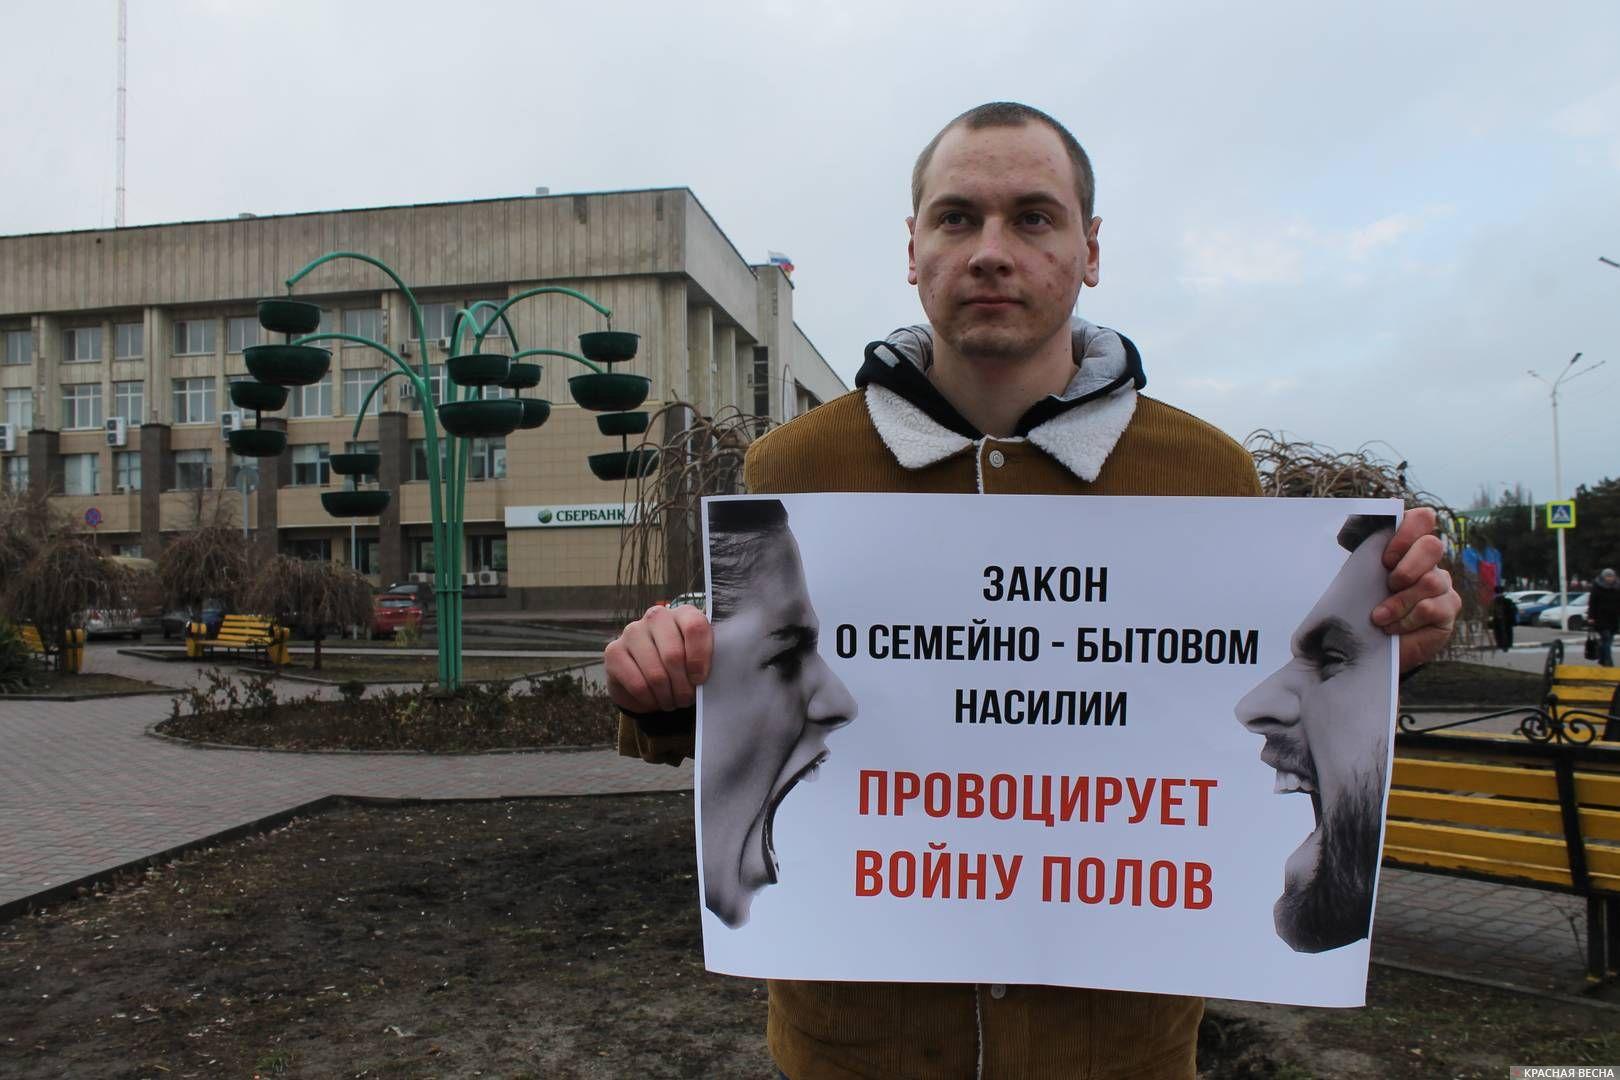 Пикет против закона о семейно-бытовом насилии возле городской администрации Новочеркасска